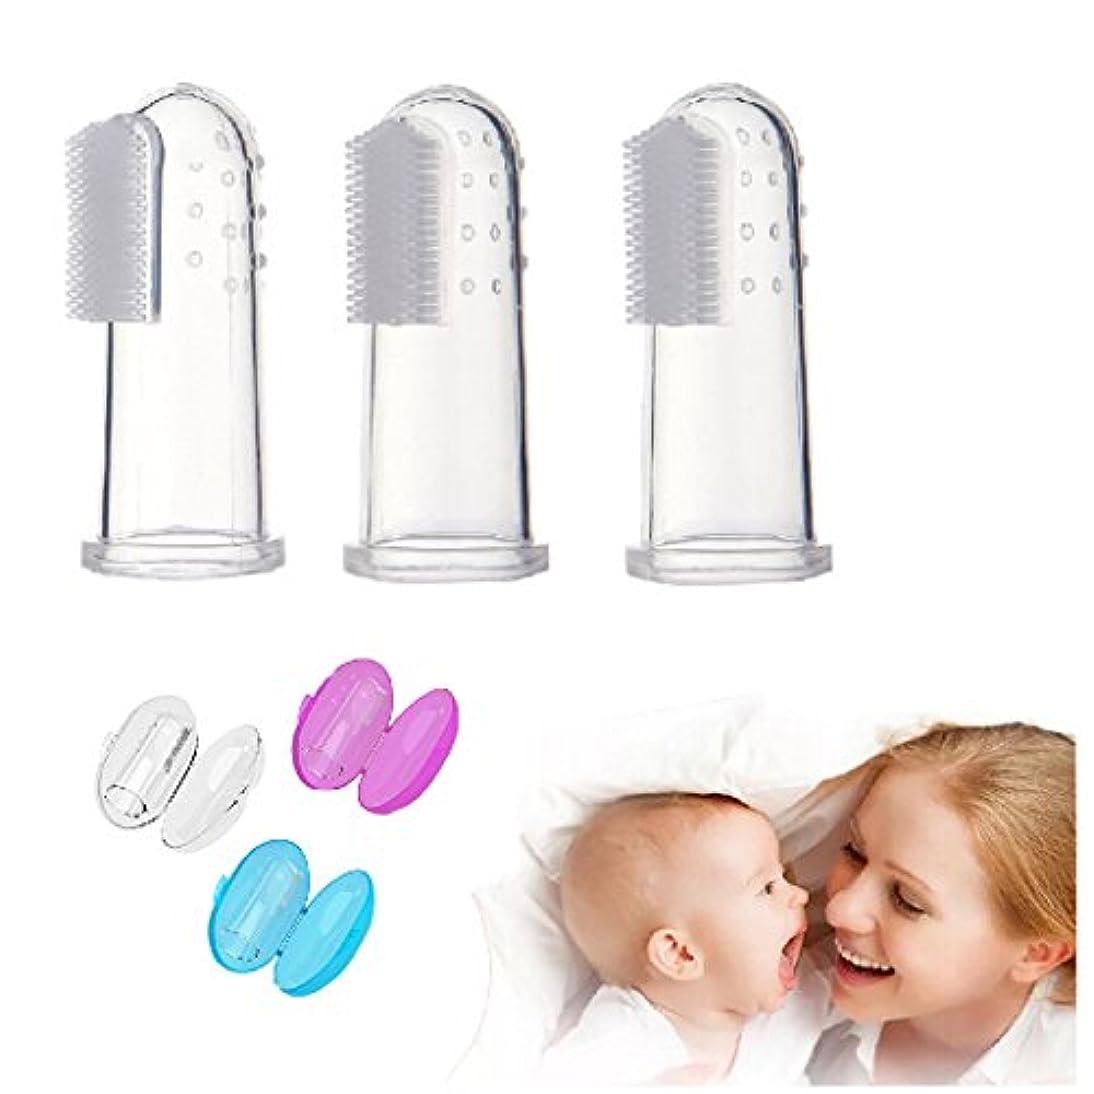 ゲートリングバック過度に赤ちゃんの指の歯ブラシ3セット食品グレードシリコーン指歯ブラシケース付き歯ブラシティーザーとオーラルマッサージャー用赤ちゃん&幼児